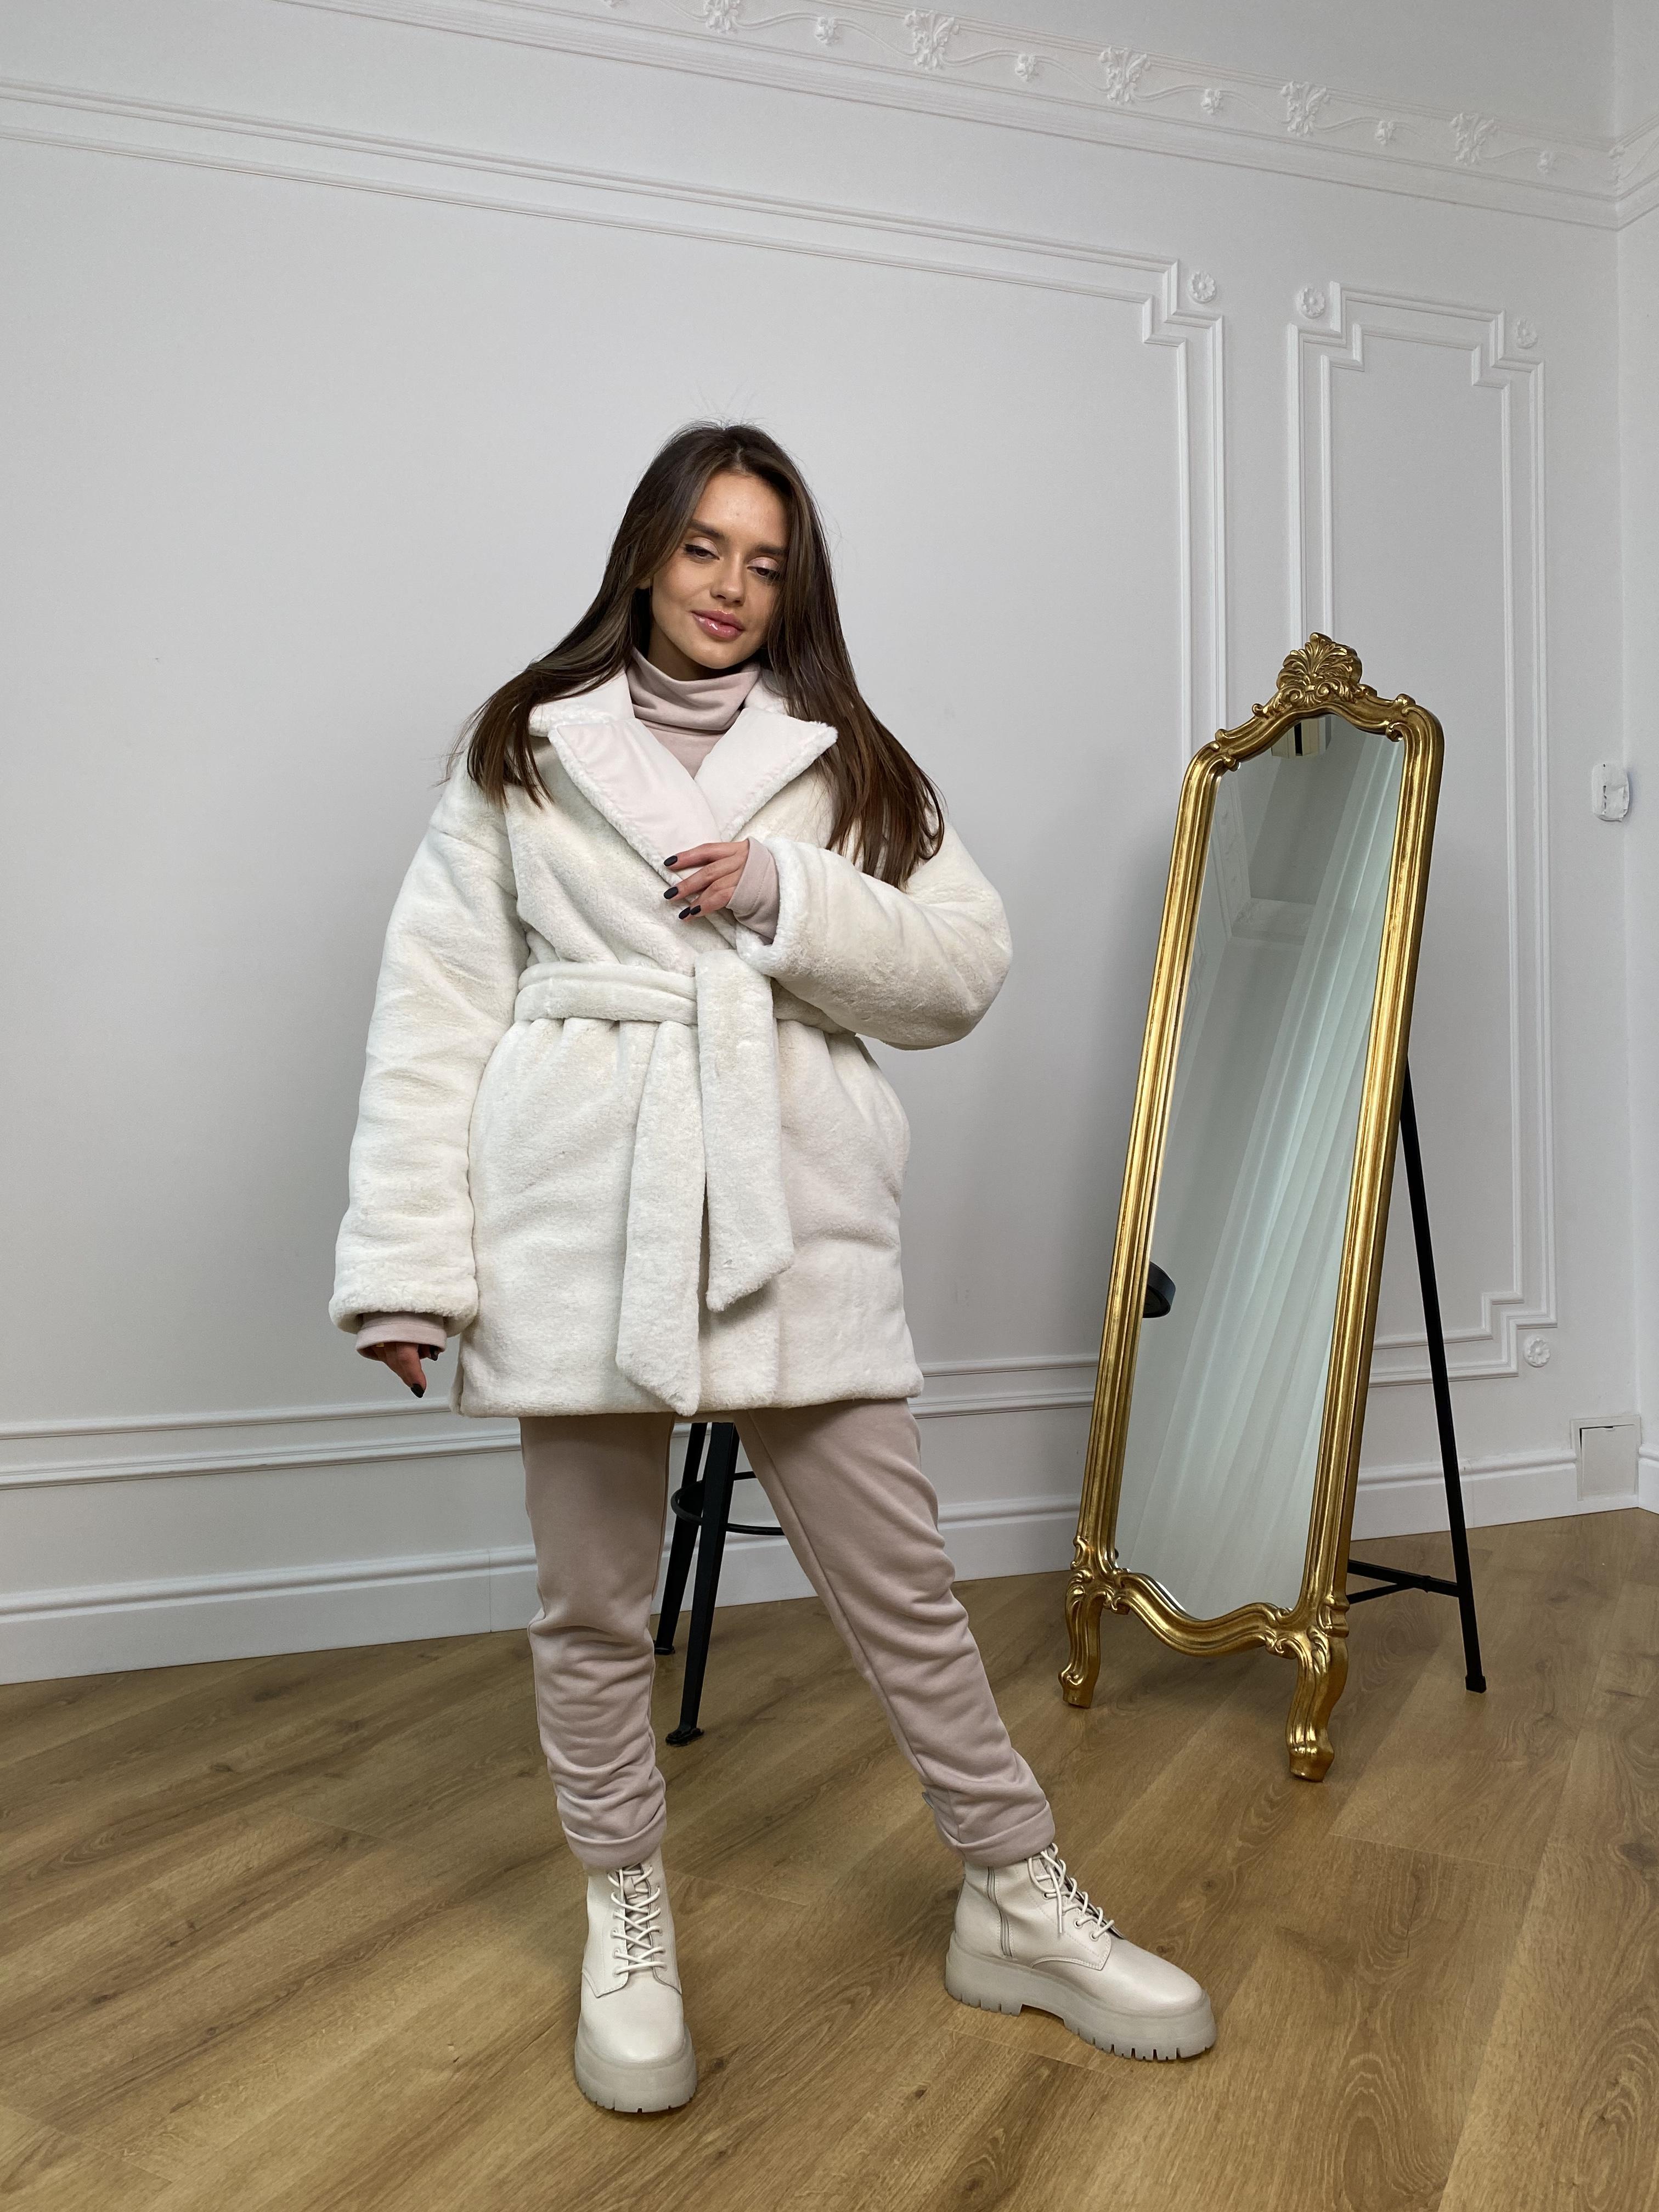 Вандер пальто мех искуственный кролик зима  10120 АРТ. 46418 Цвет: Молоко/молоко - фото 1, интернет магазин tm-modus.ru